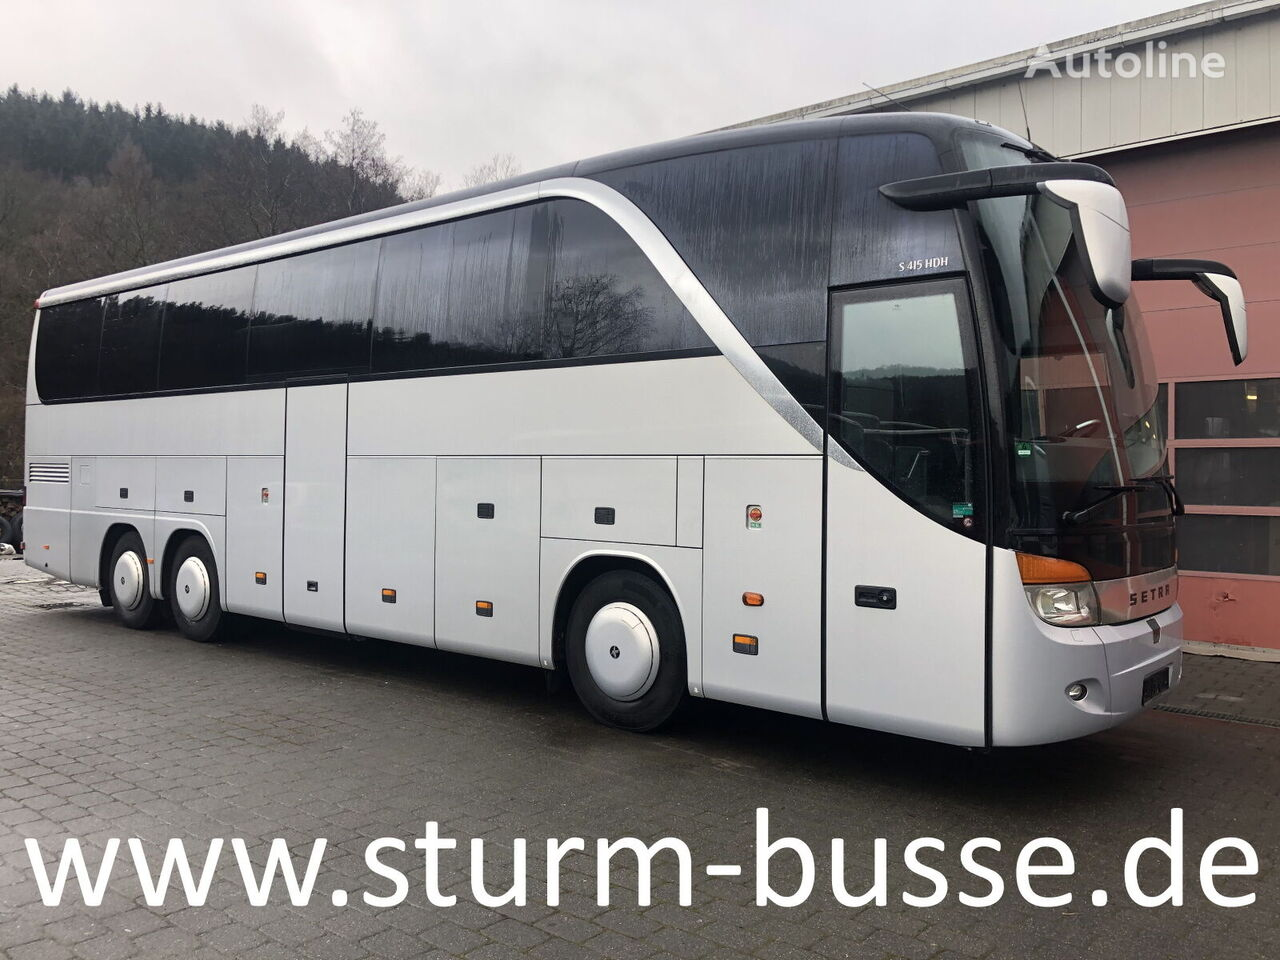 SETRA S 415 HDH coach bus